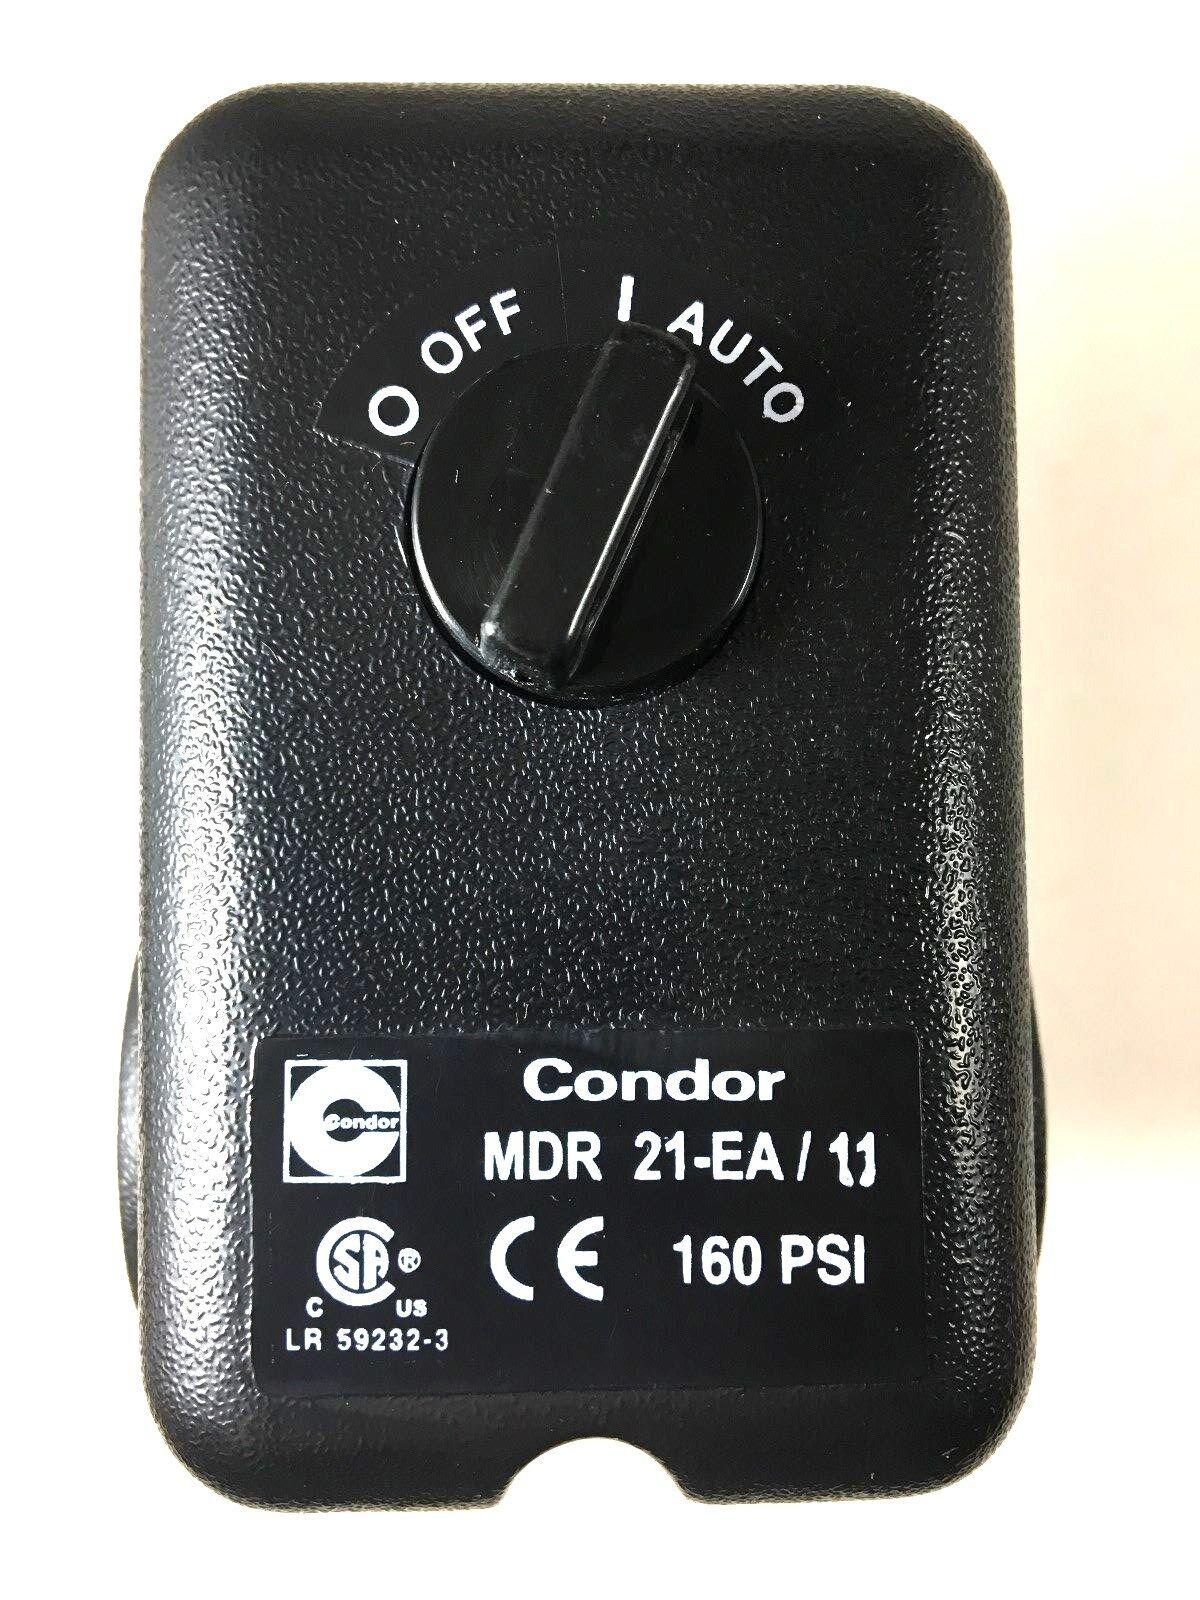 Mdr21 Ea 11 Condor Pressure Switch 4 Port W Unloader Amp On